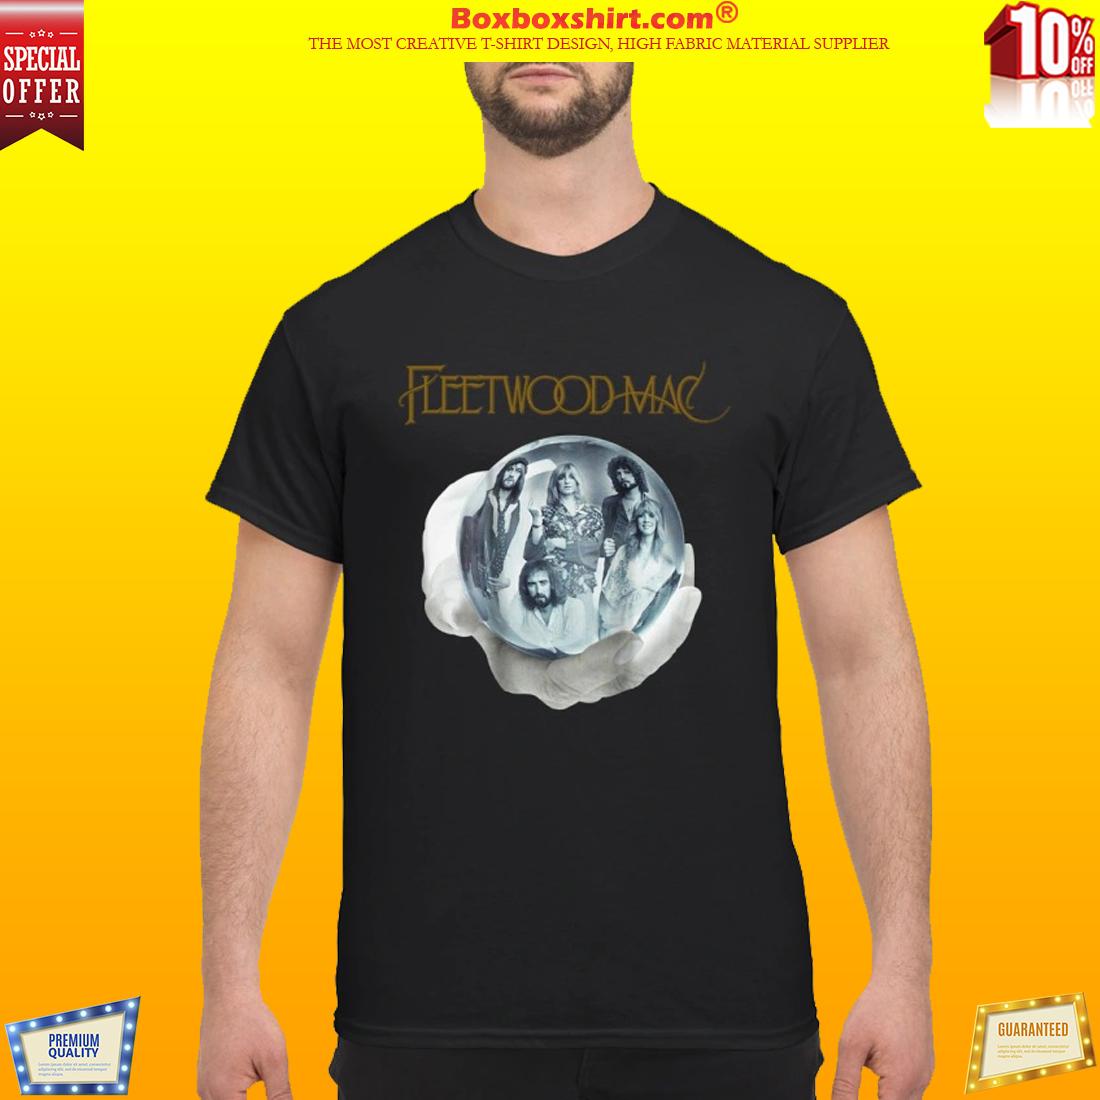 Fleetwood Mac crystal ball hand shirt